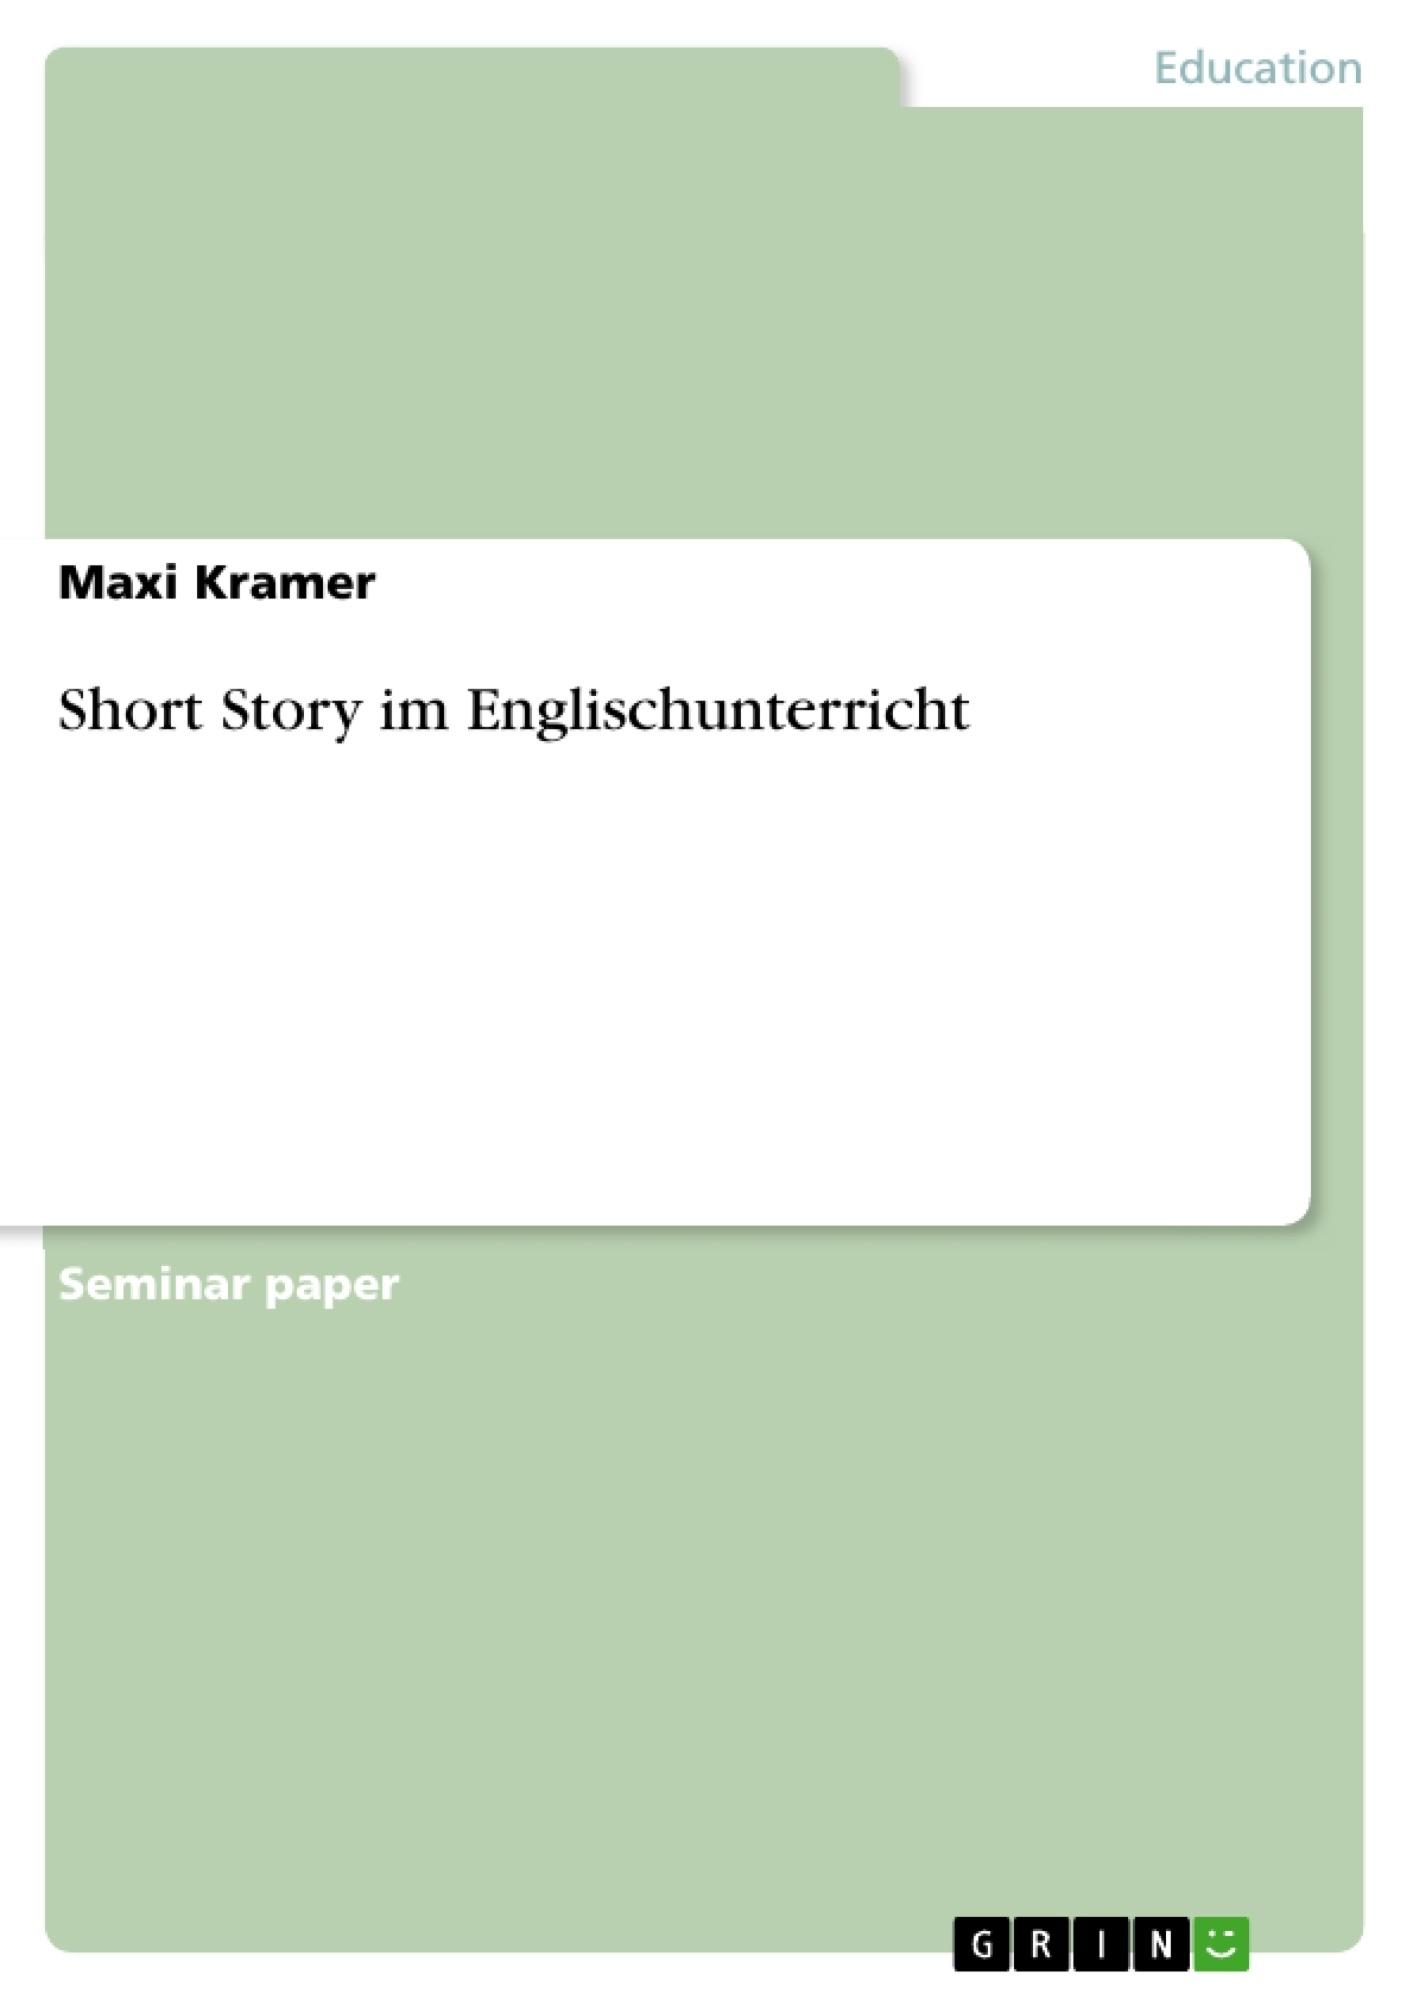 Title: Short Story im Englischunterricht